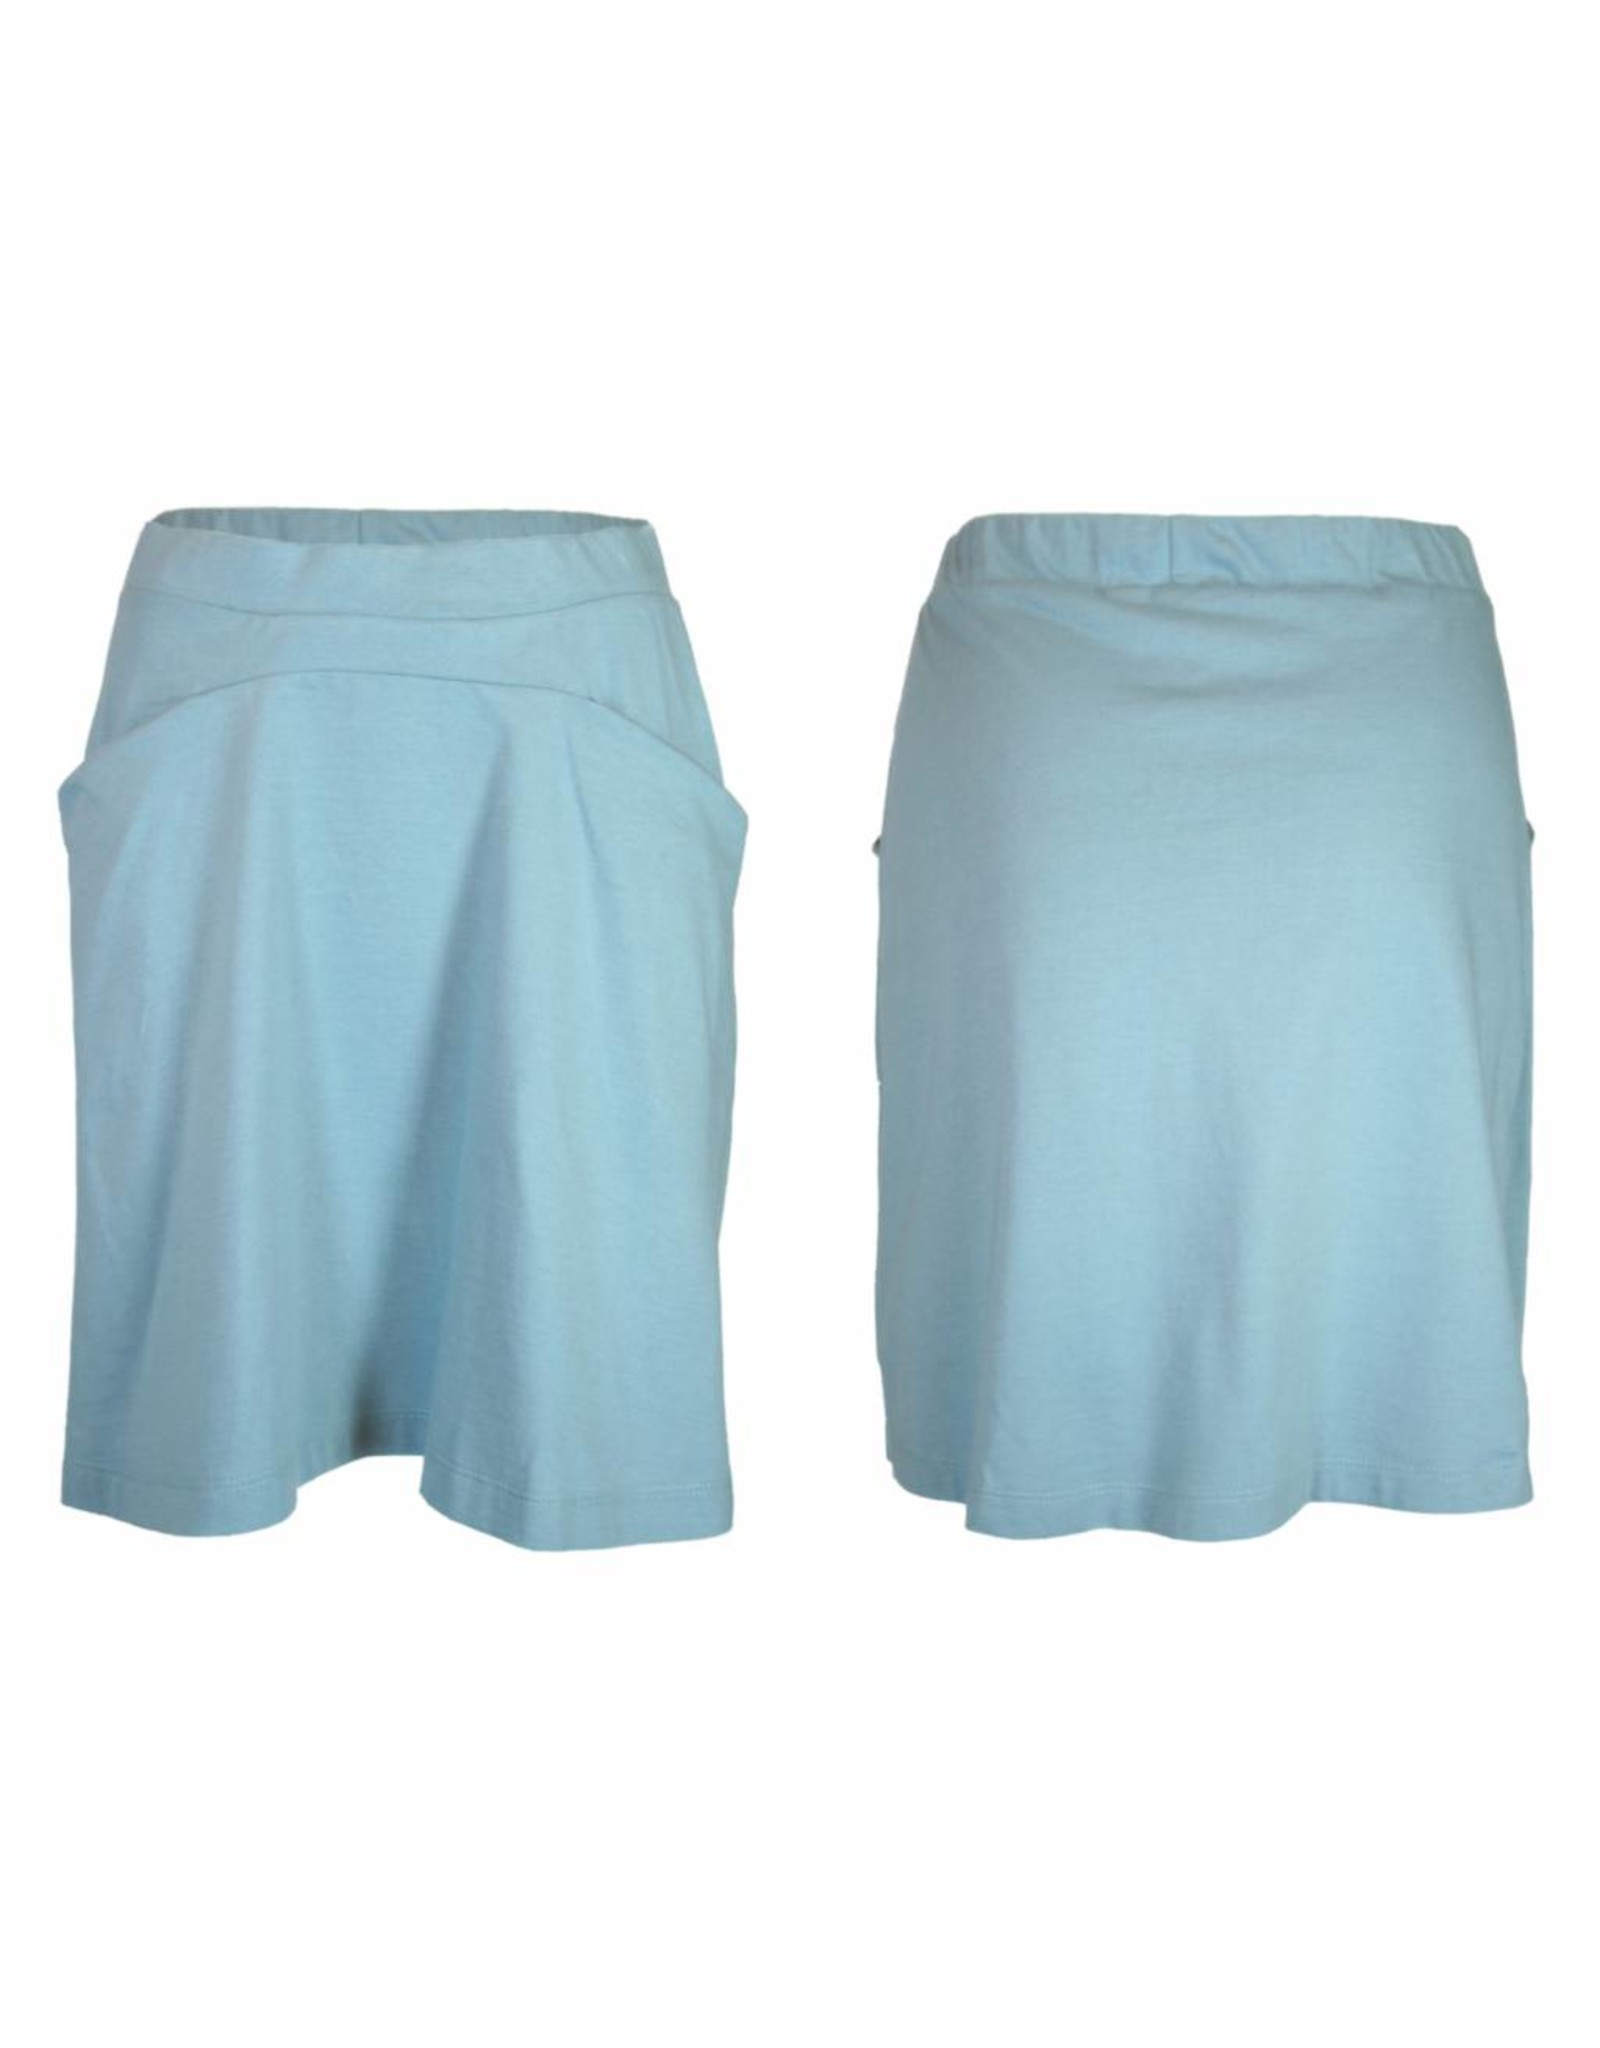 format JADE short skirt, single jersey